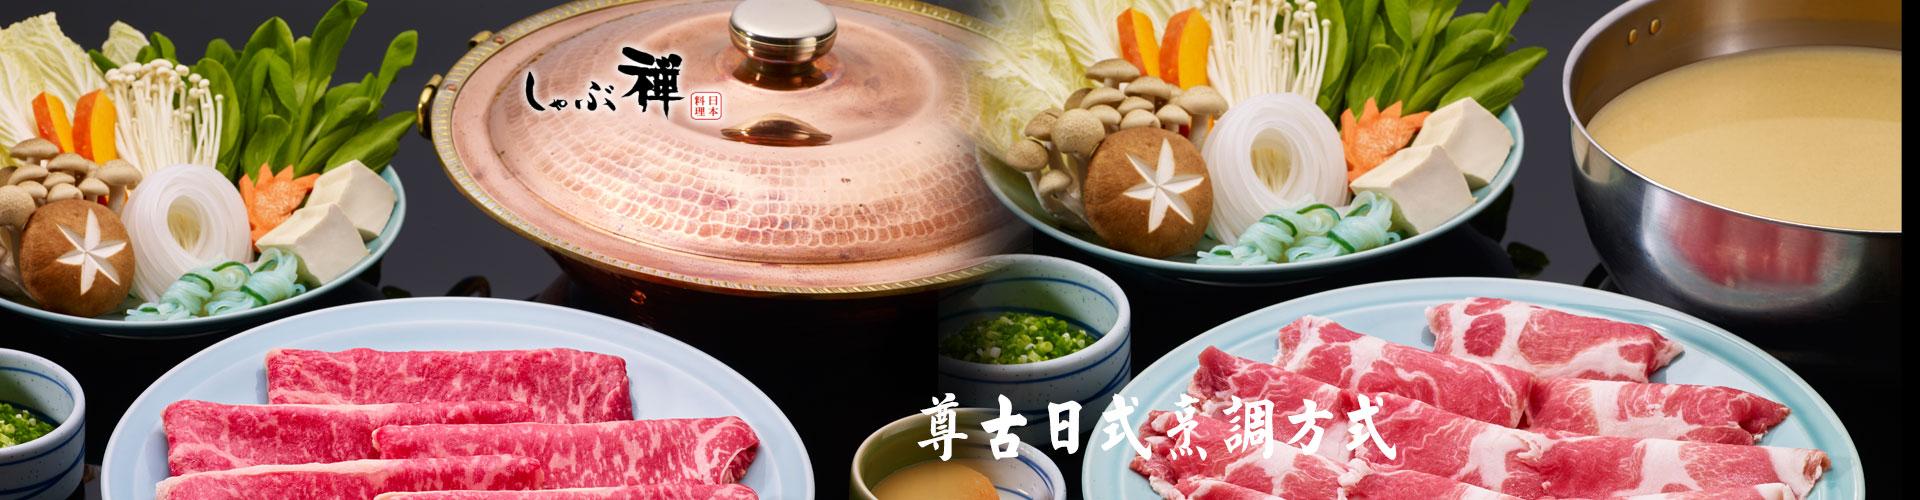 鍋禪日本料理(しゅぶ禪)